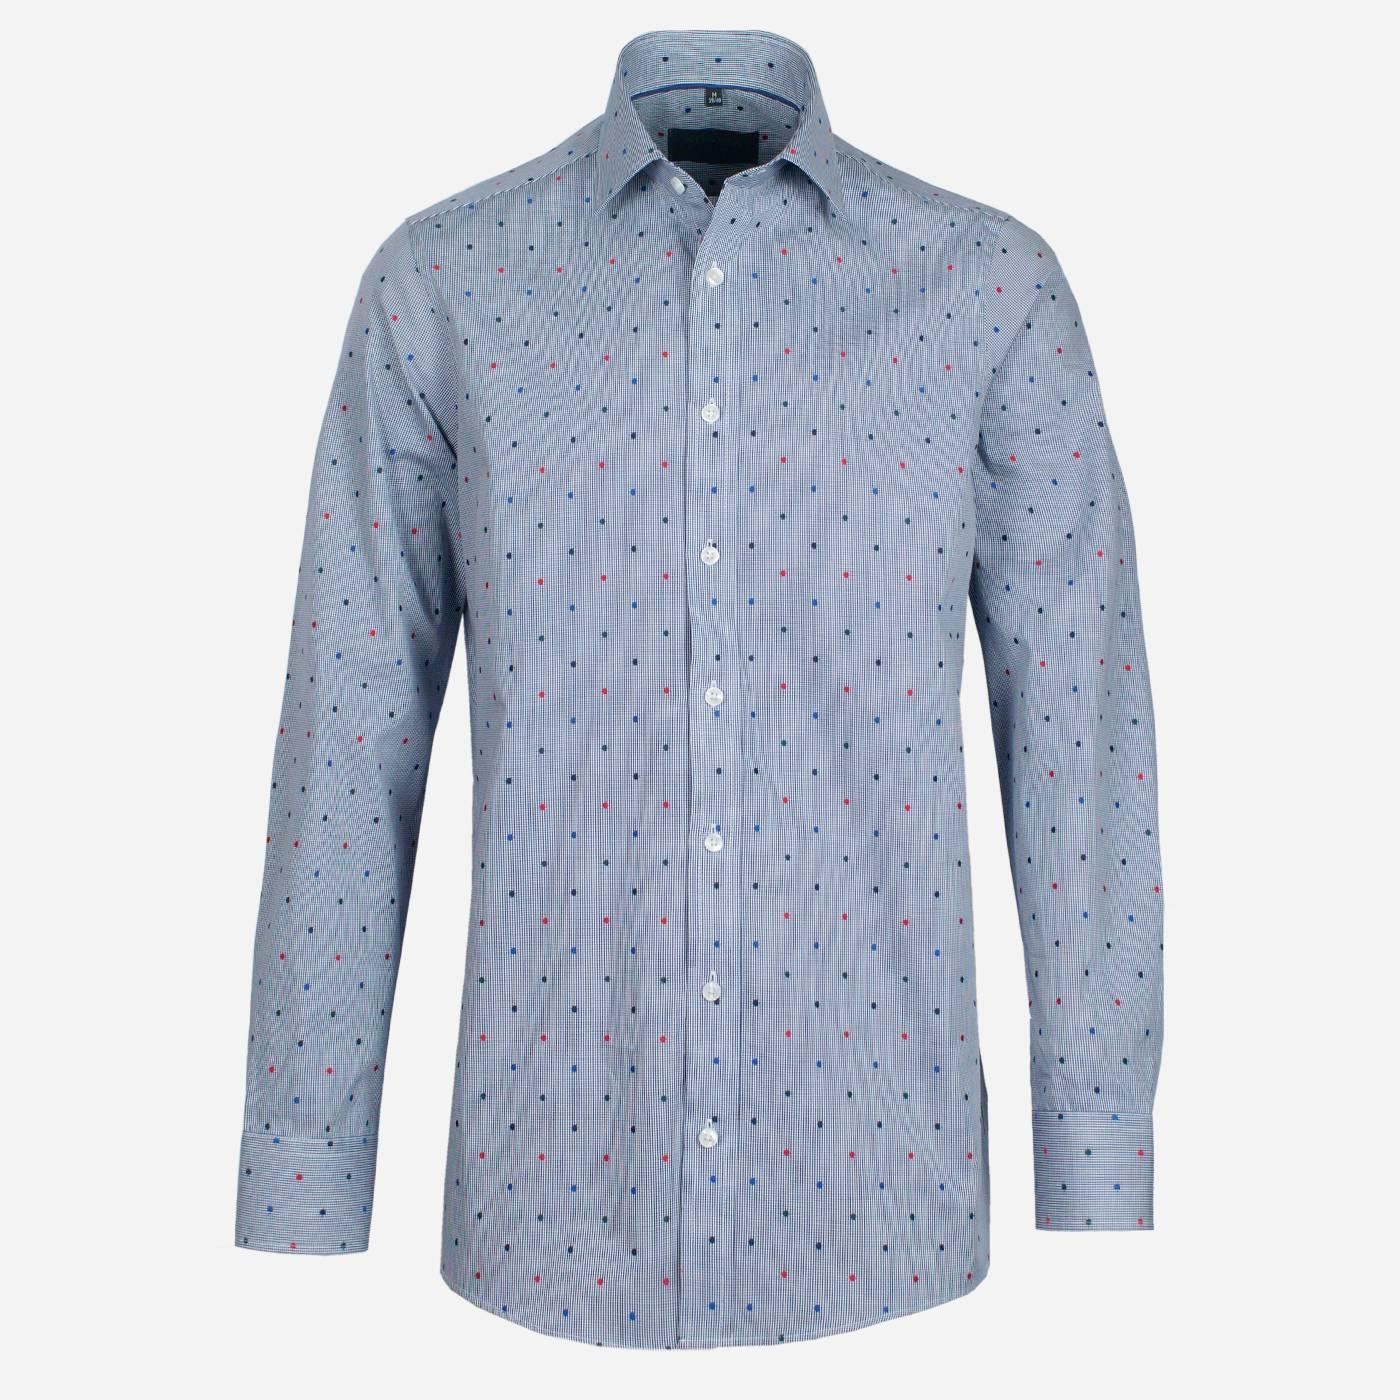 STEVULA Modrá kockovaná košeľa s Fil Coupé, Regular fit Veľkosť: XXL 45/46